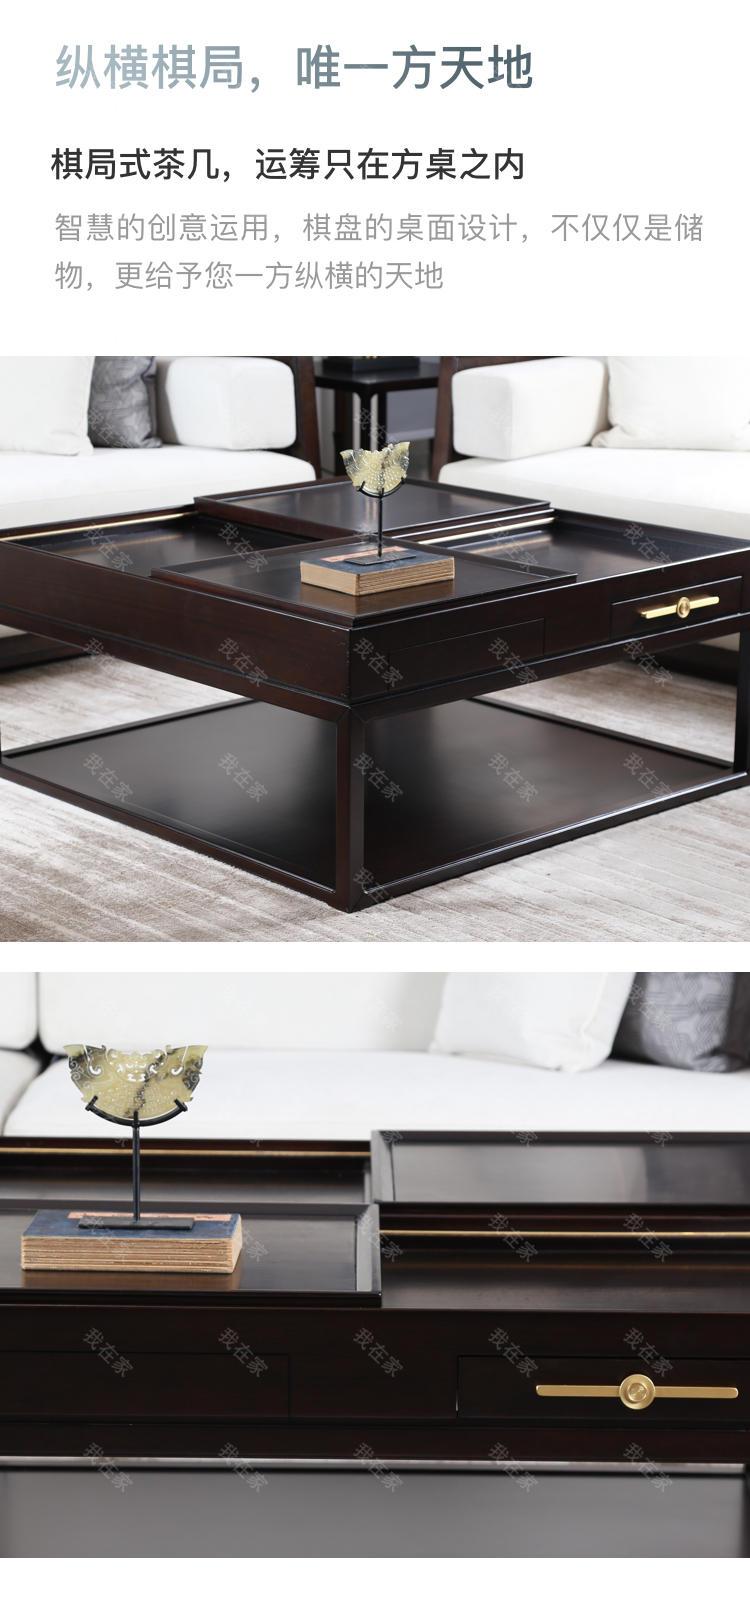 新中式风格万物茶几(样品特惠)的家具详细介绍